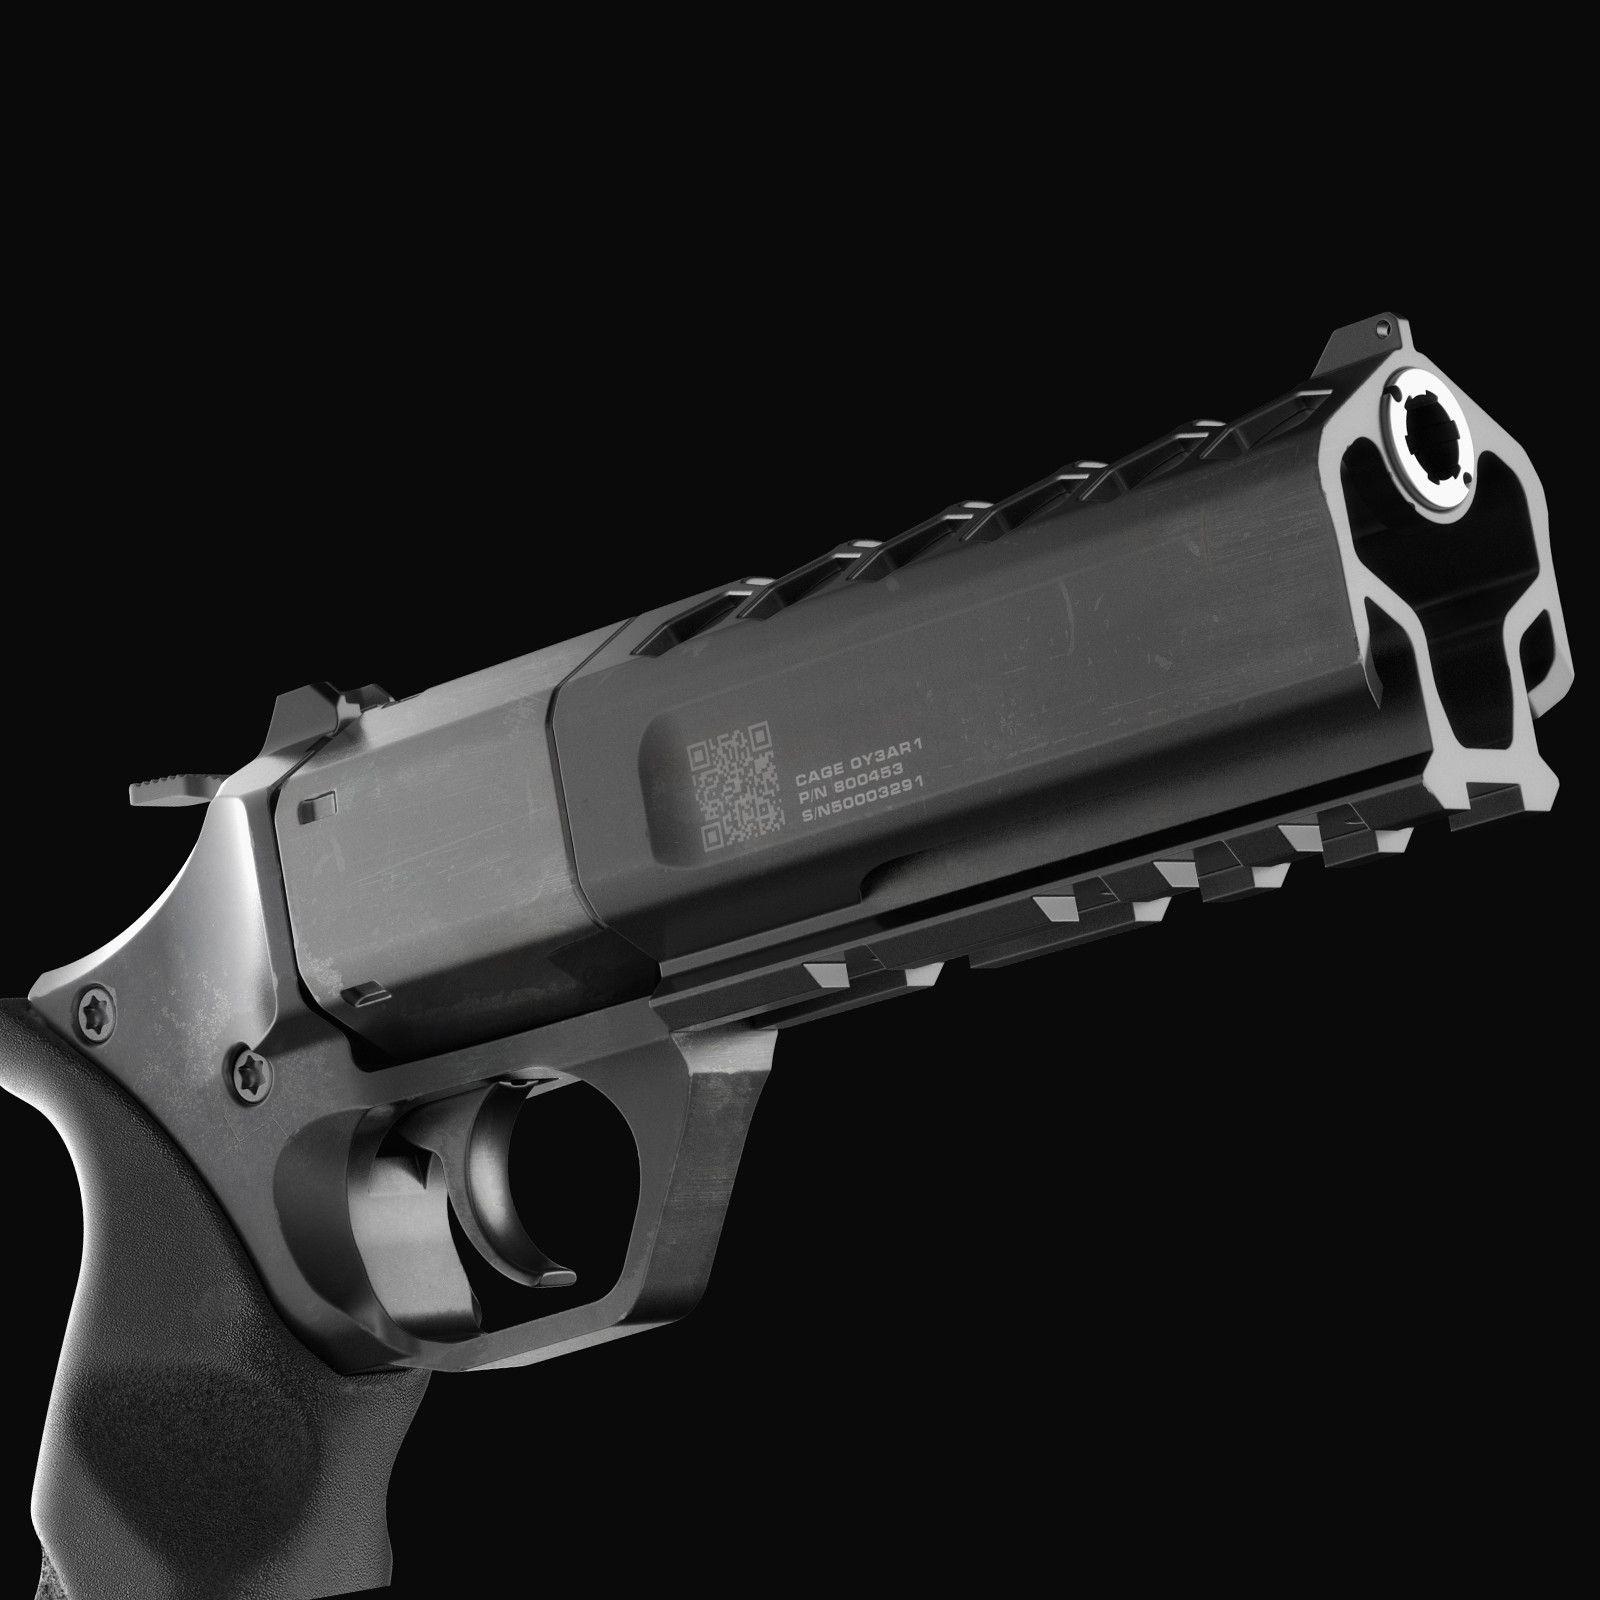 KARA 21 Revolver Concept, Alex Khaliman | Snowtiger on ArtStation at https://www.artstation.com/artwork/0Z5NG